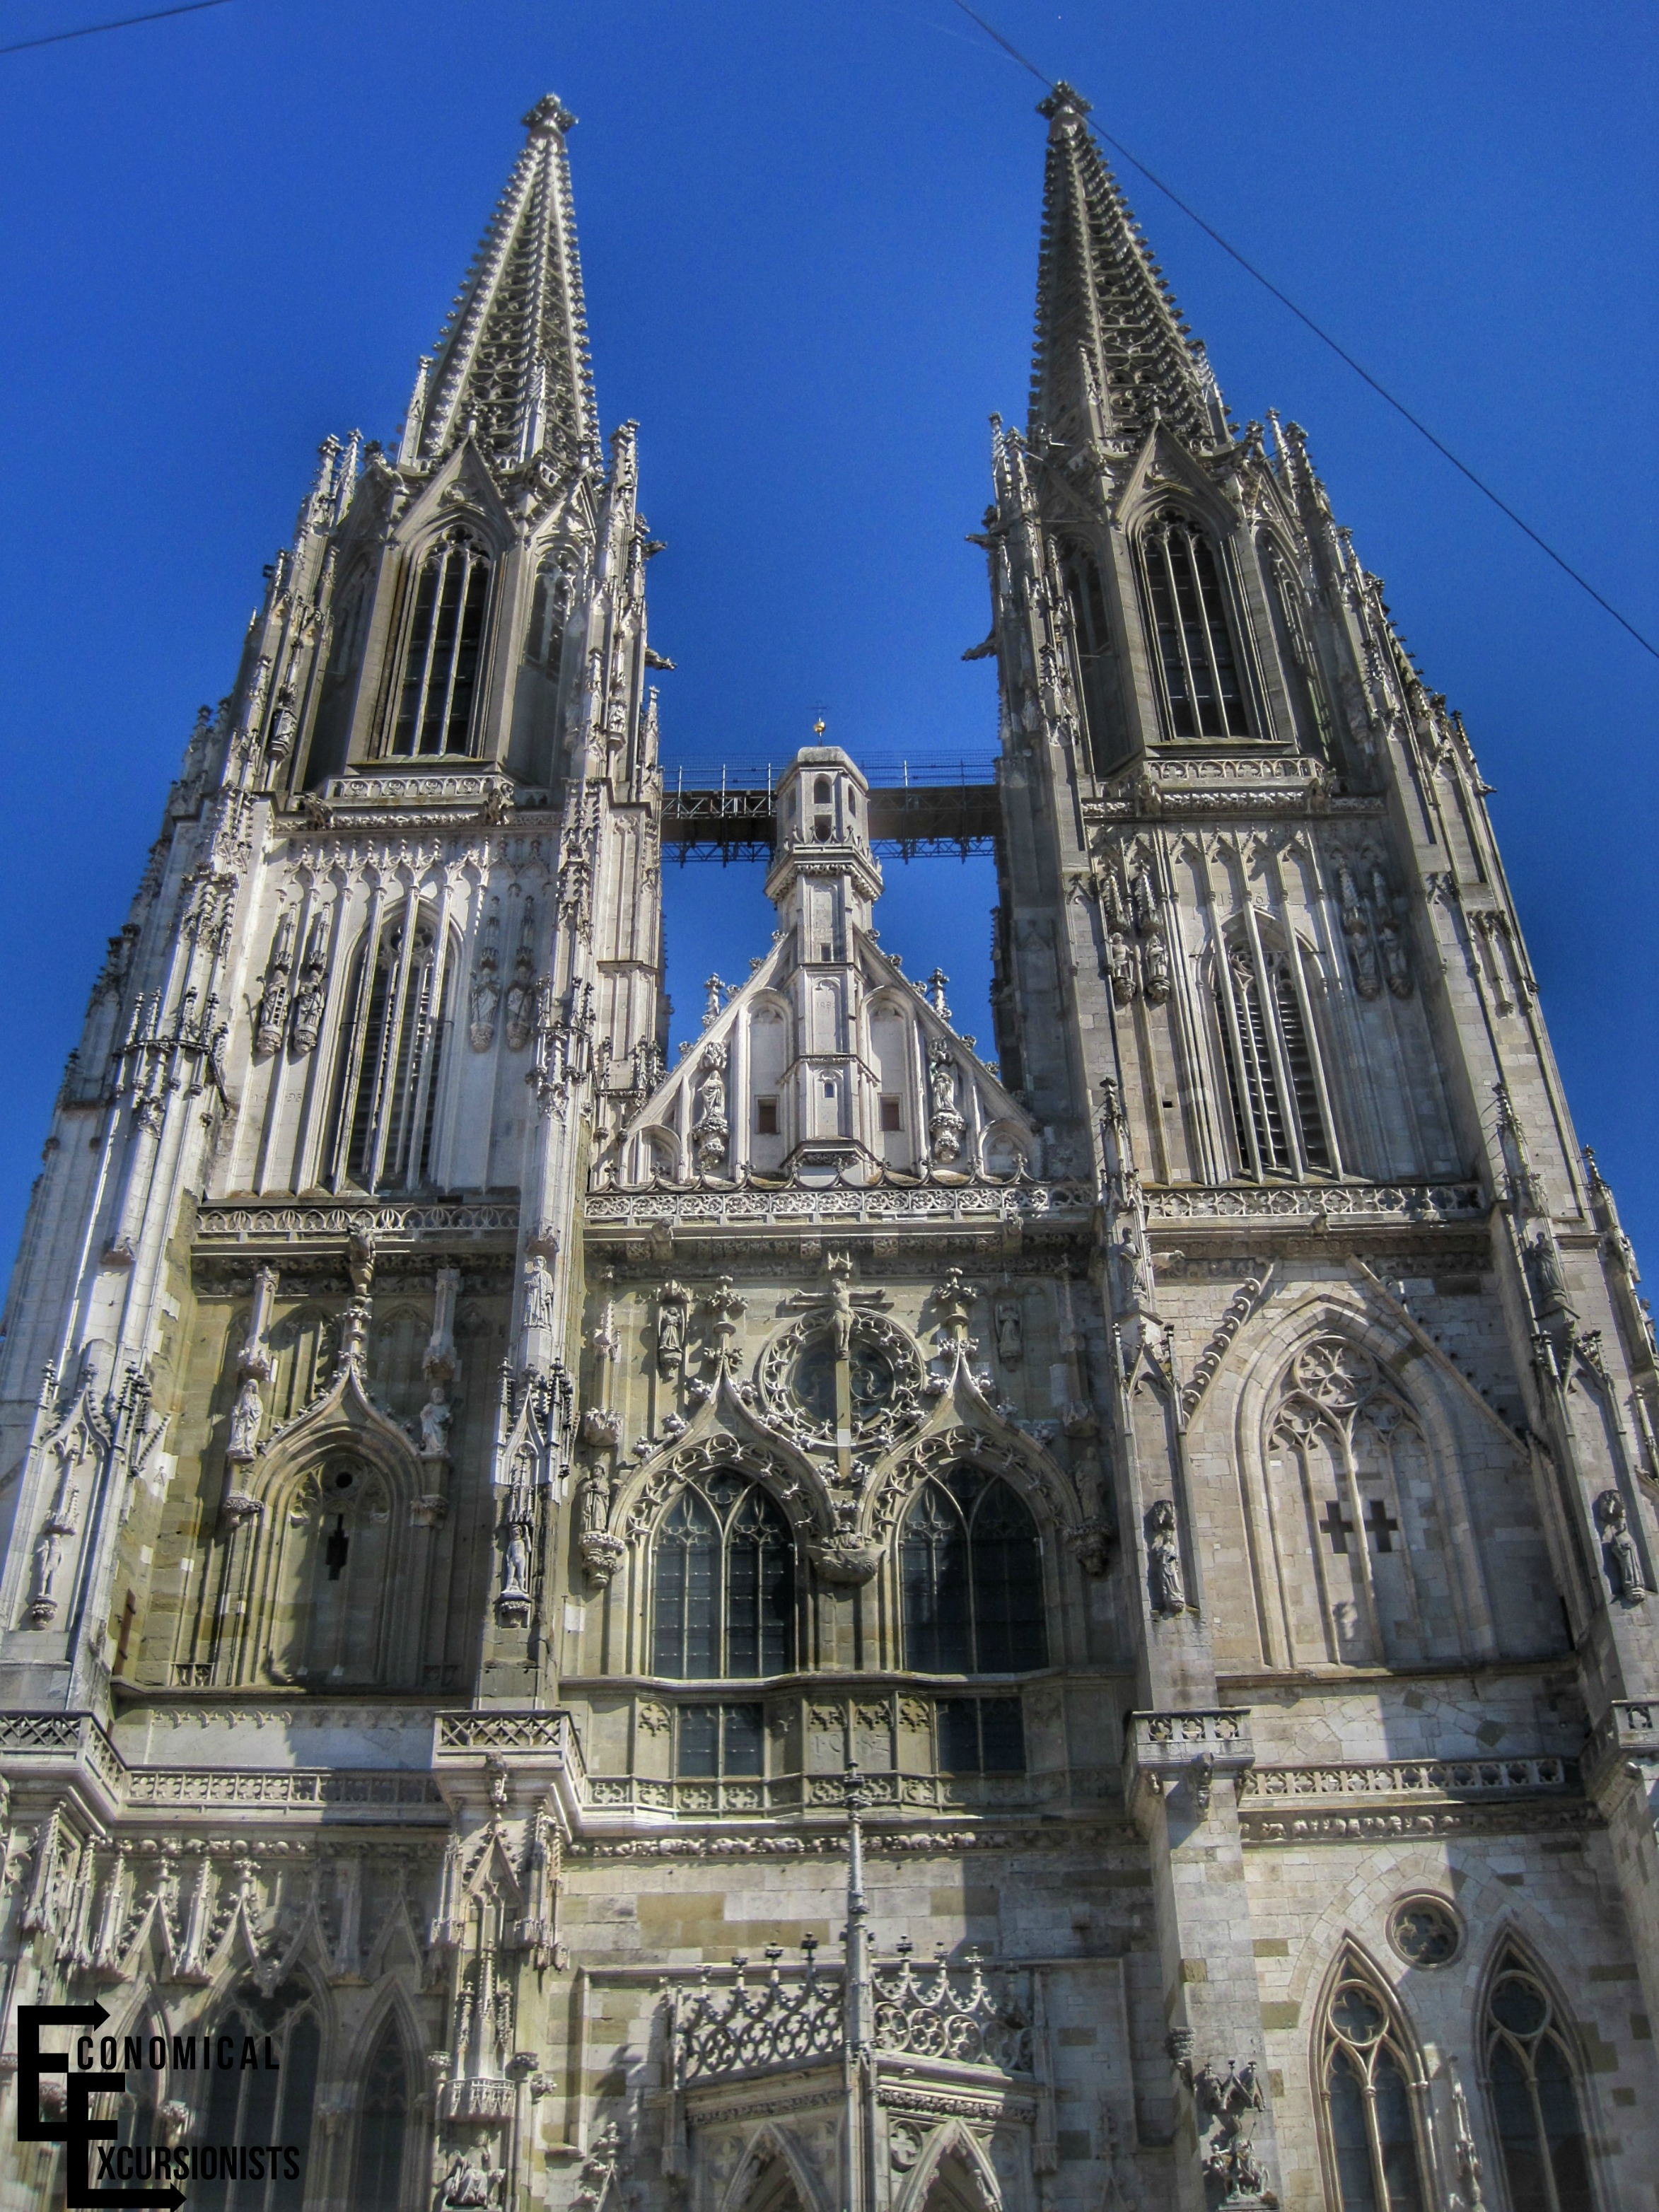 Mu Regensburg